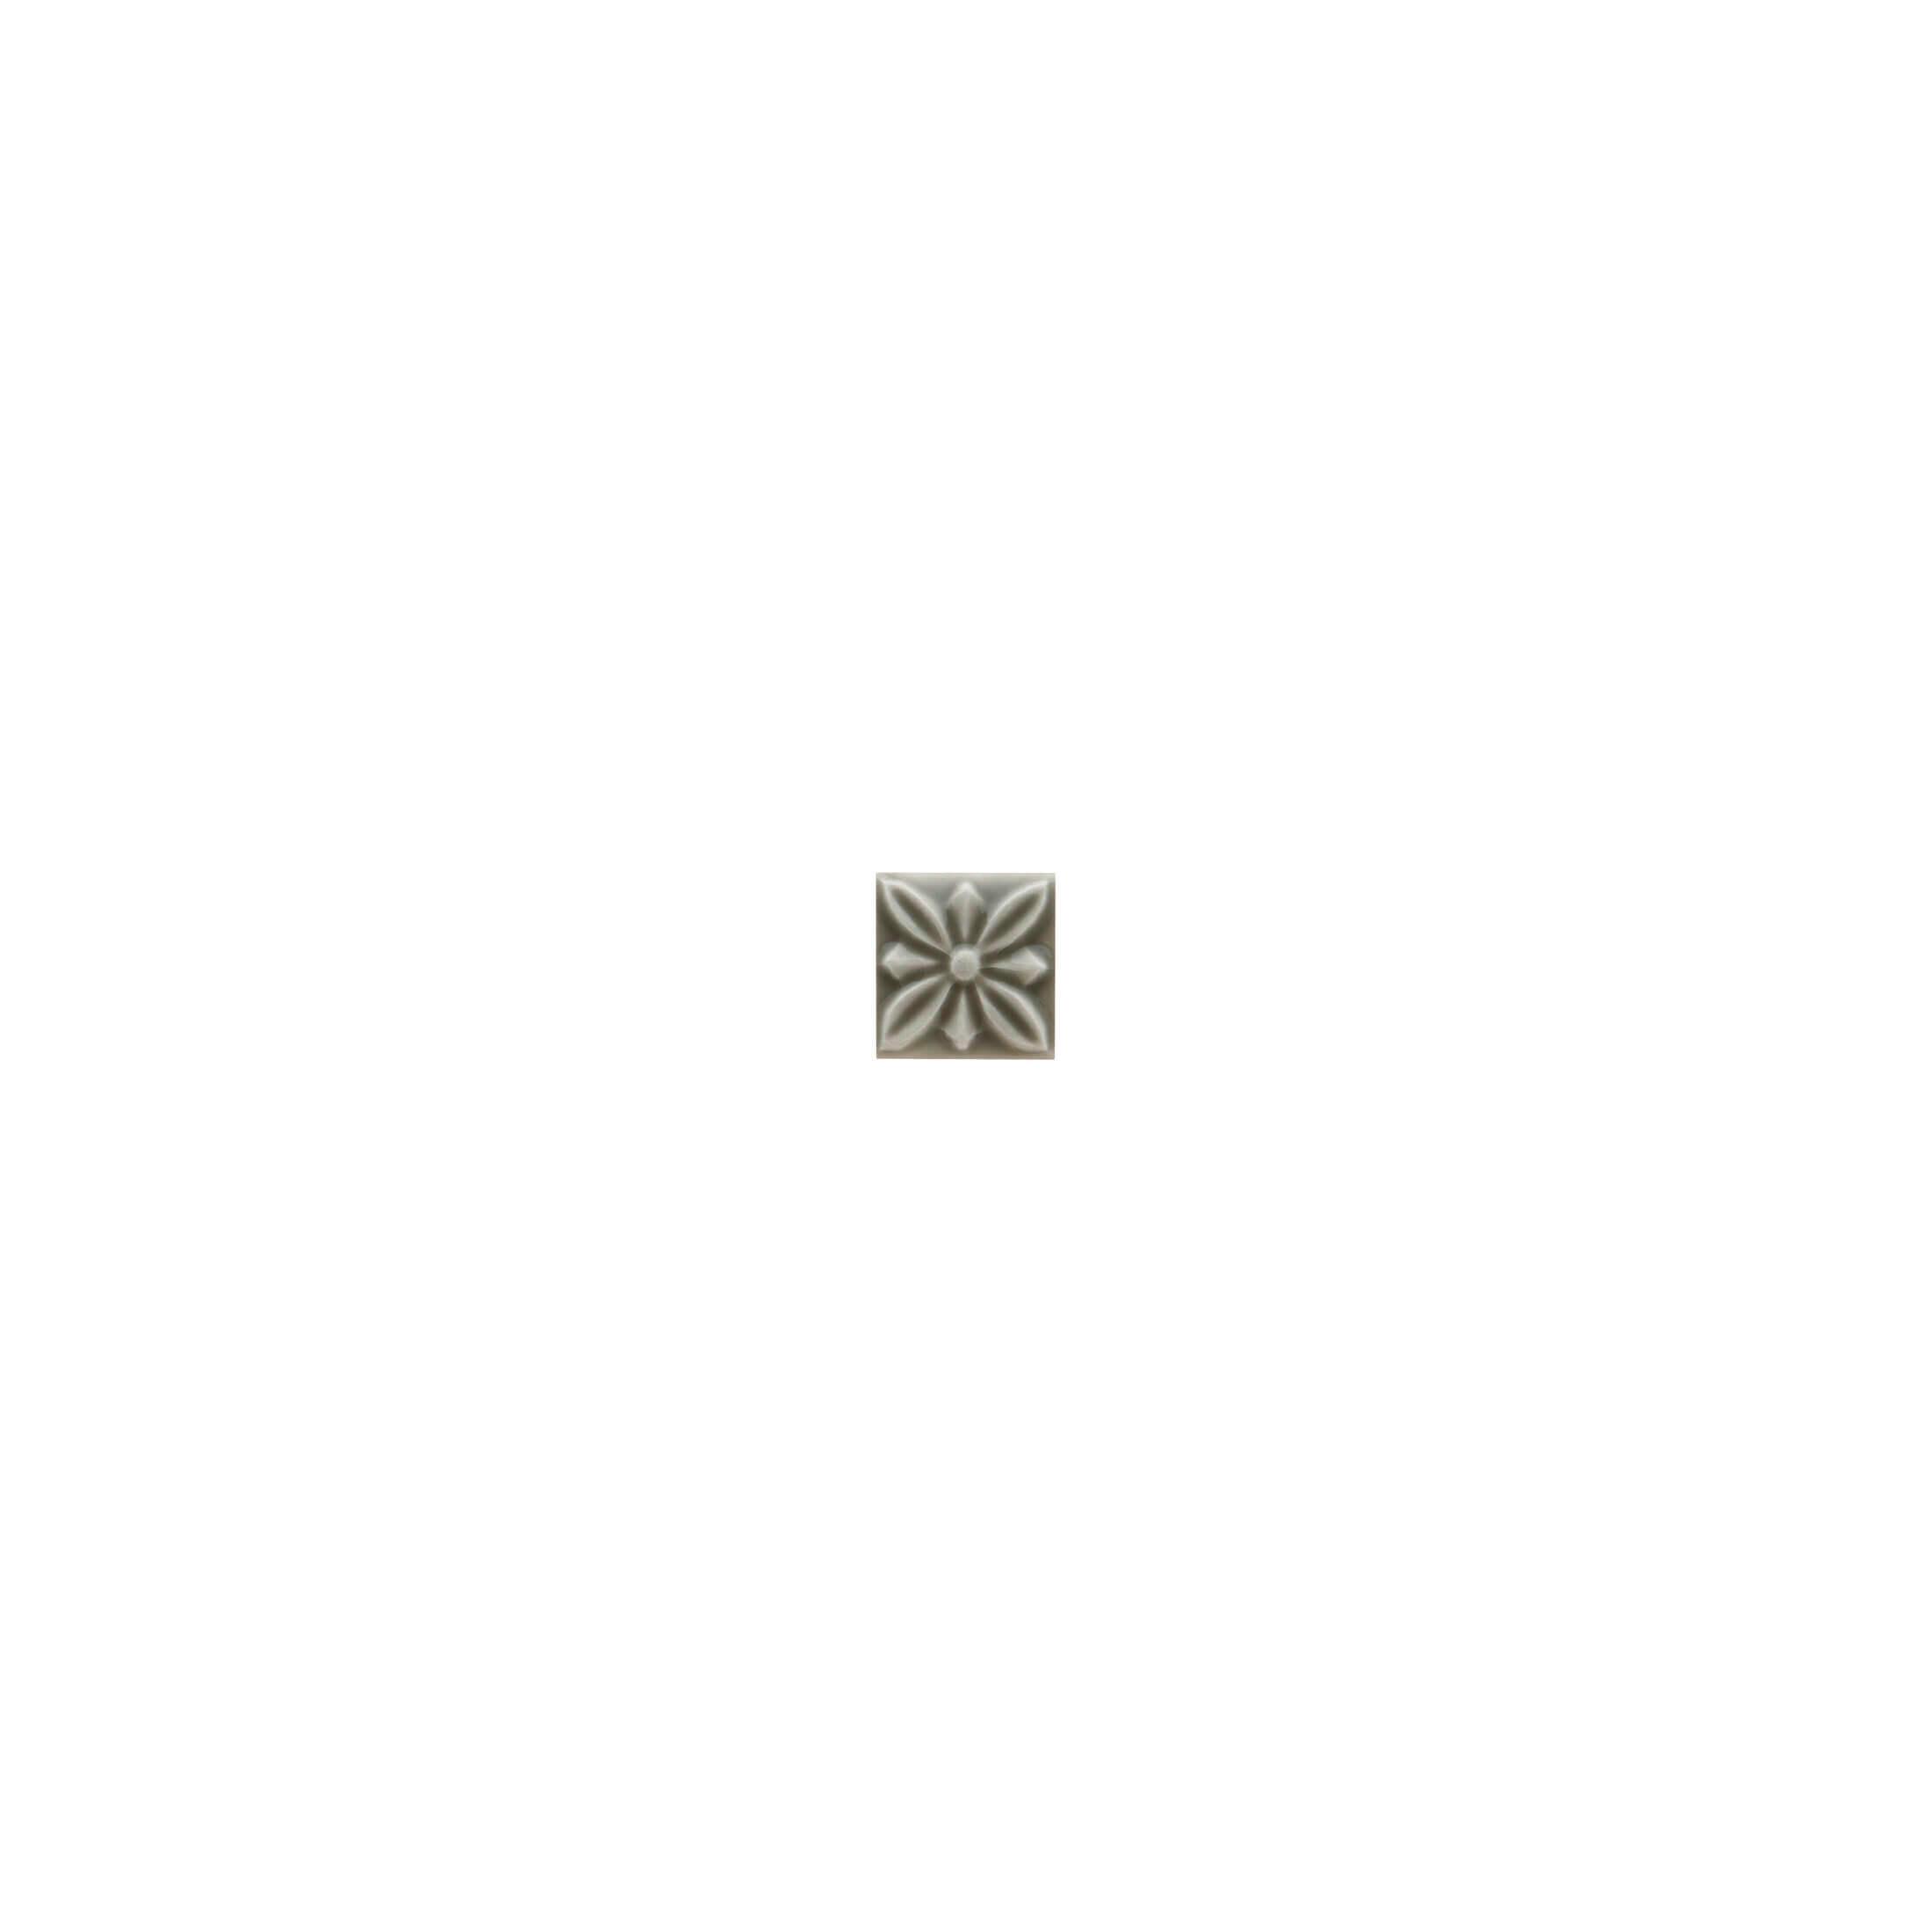 ADST4056 - TACO RELIEVE FLOR Nº 1 - 3 cm X 3 cm